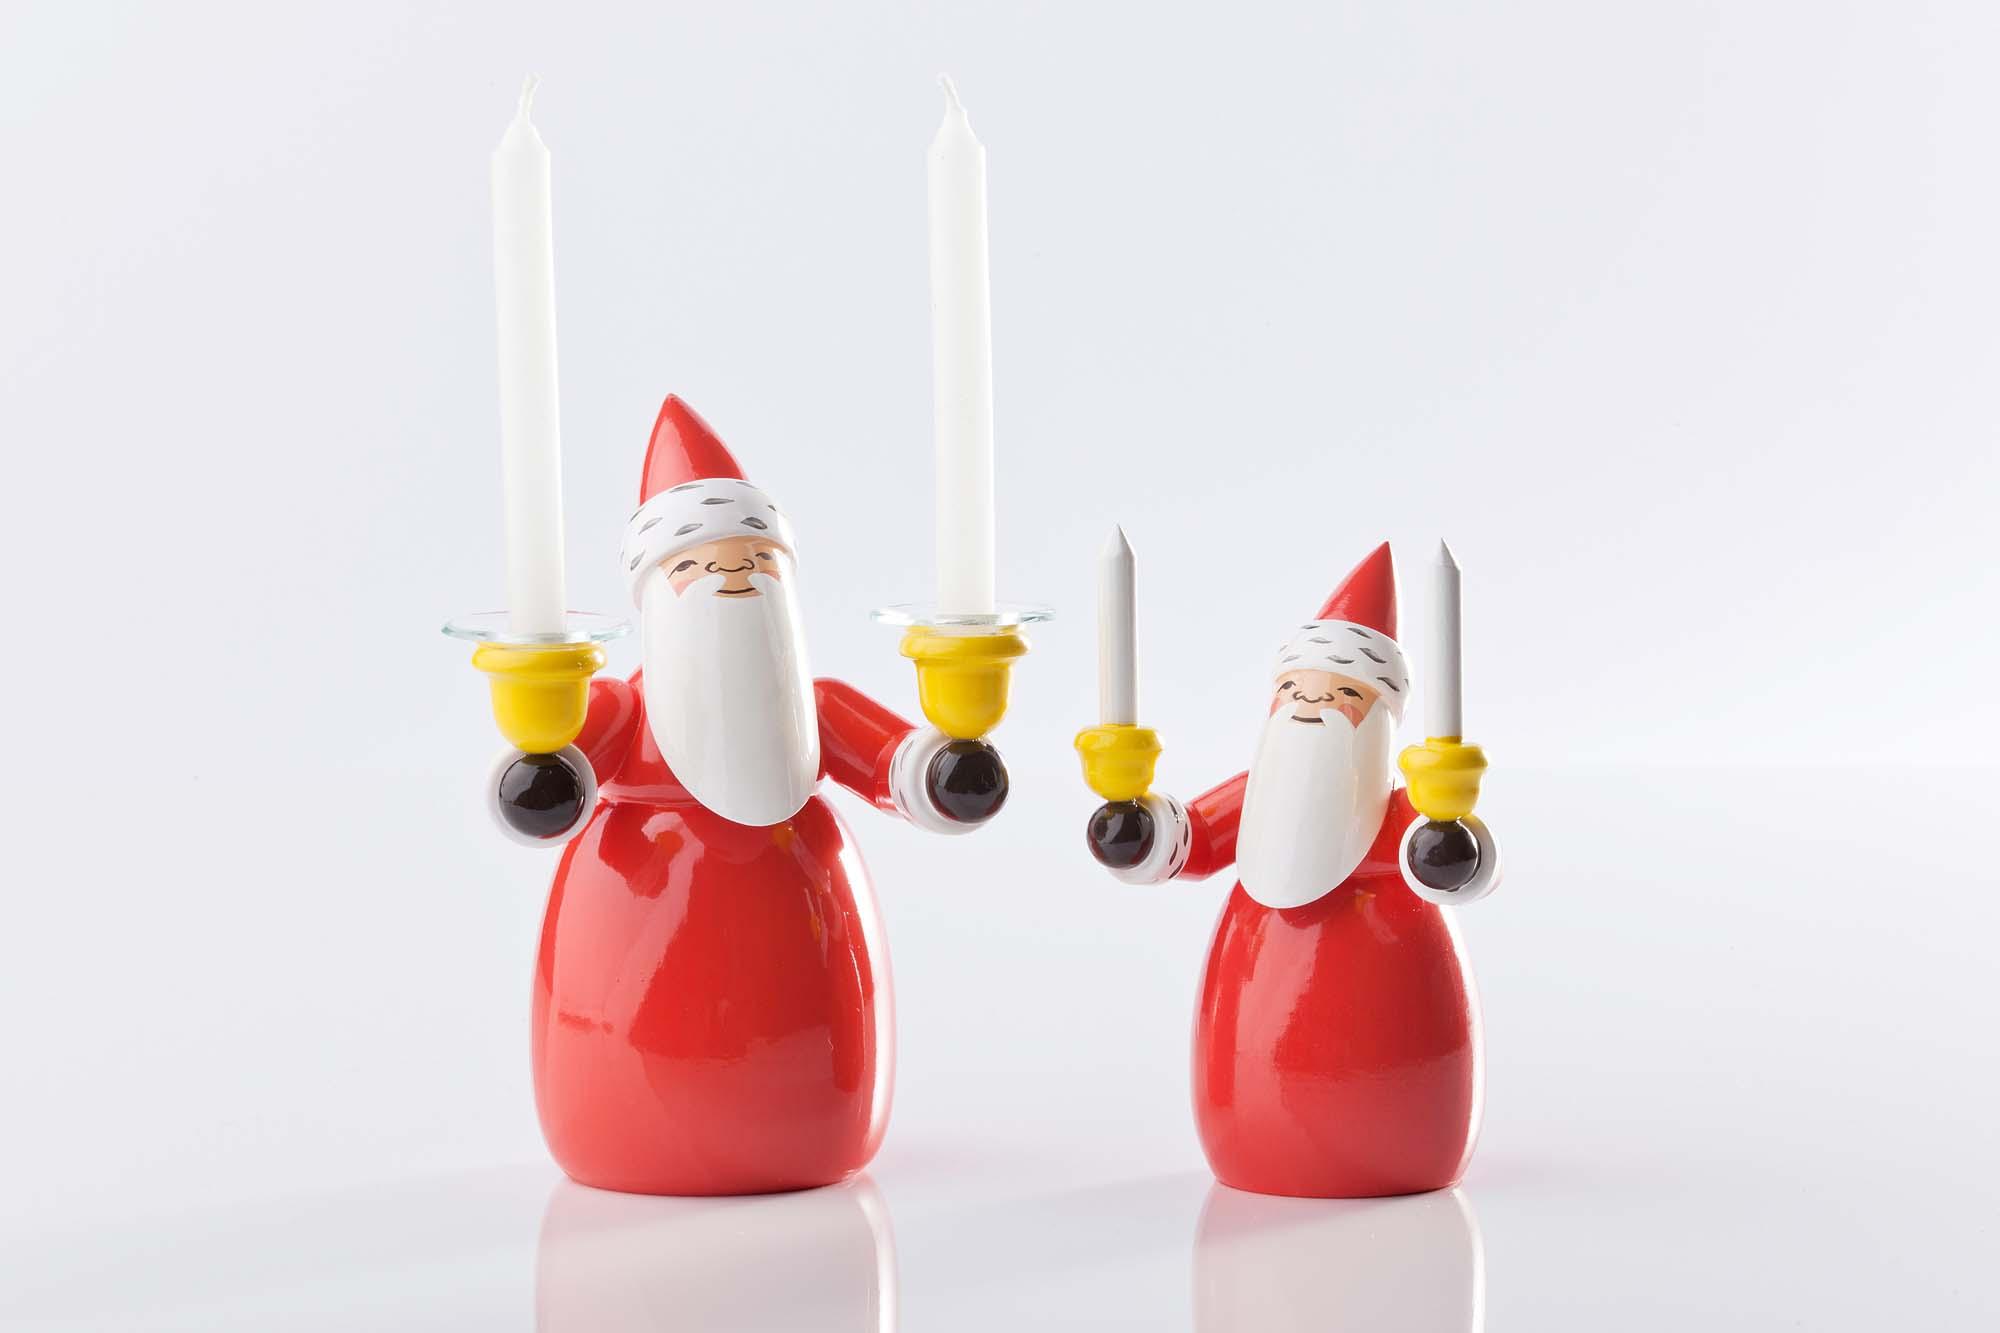 Weihnachtsmann mit Kerzen, 5301/2 und mit Lichtertüllen, 5301/3